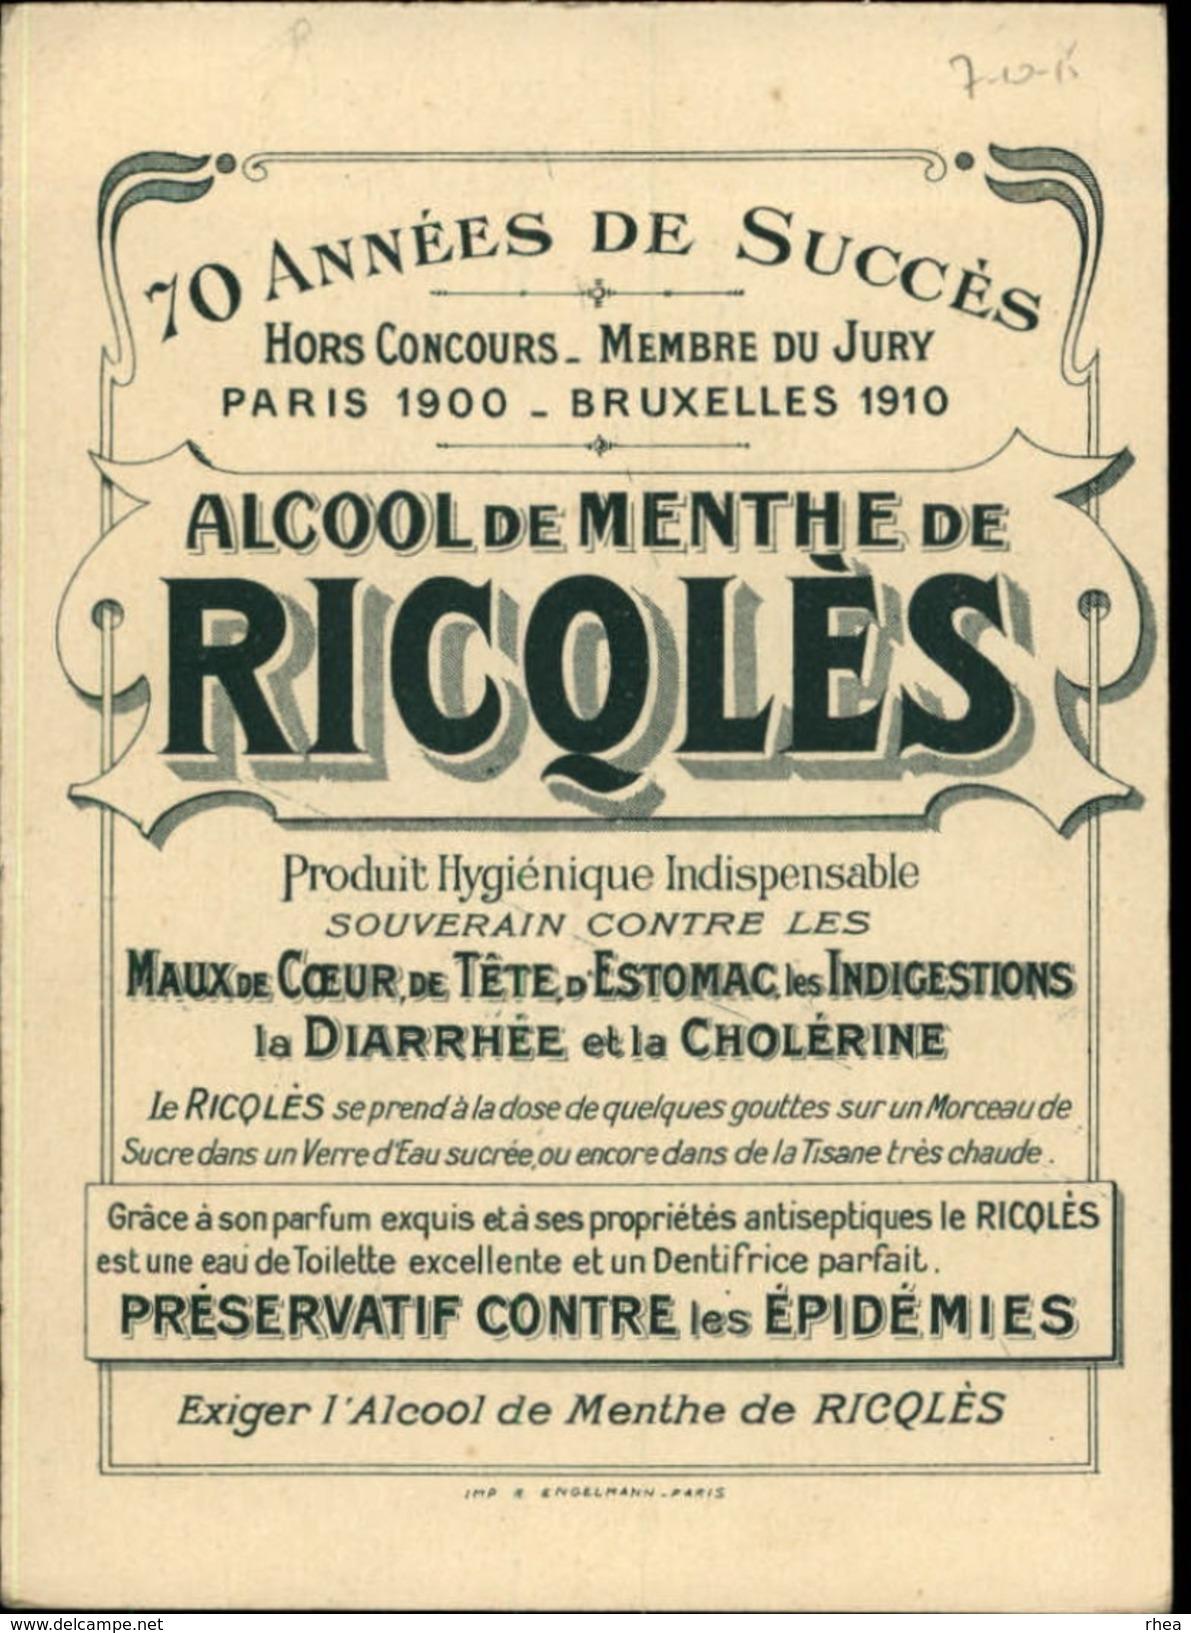 CHROMOS - Pub Pour Alcool RICQLES - Croisière - Illustré Par PREJELAN - Chromos